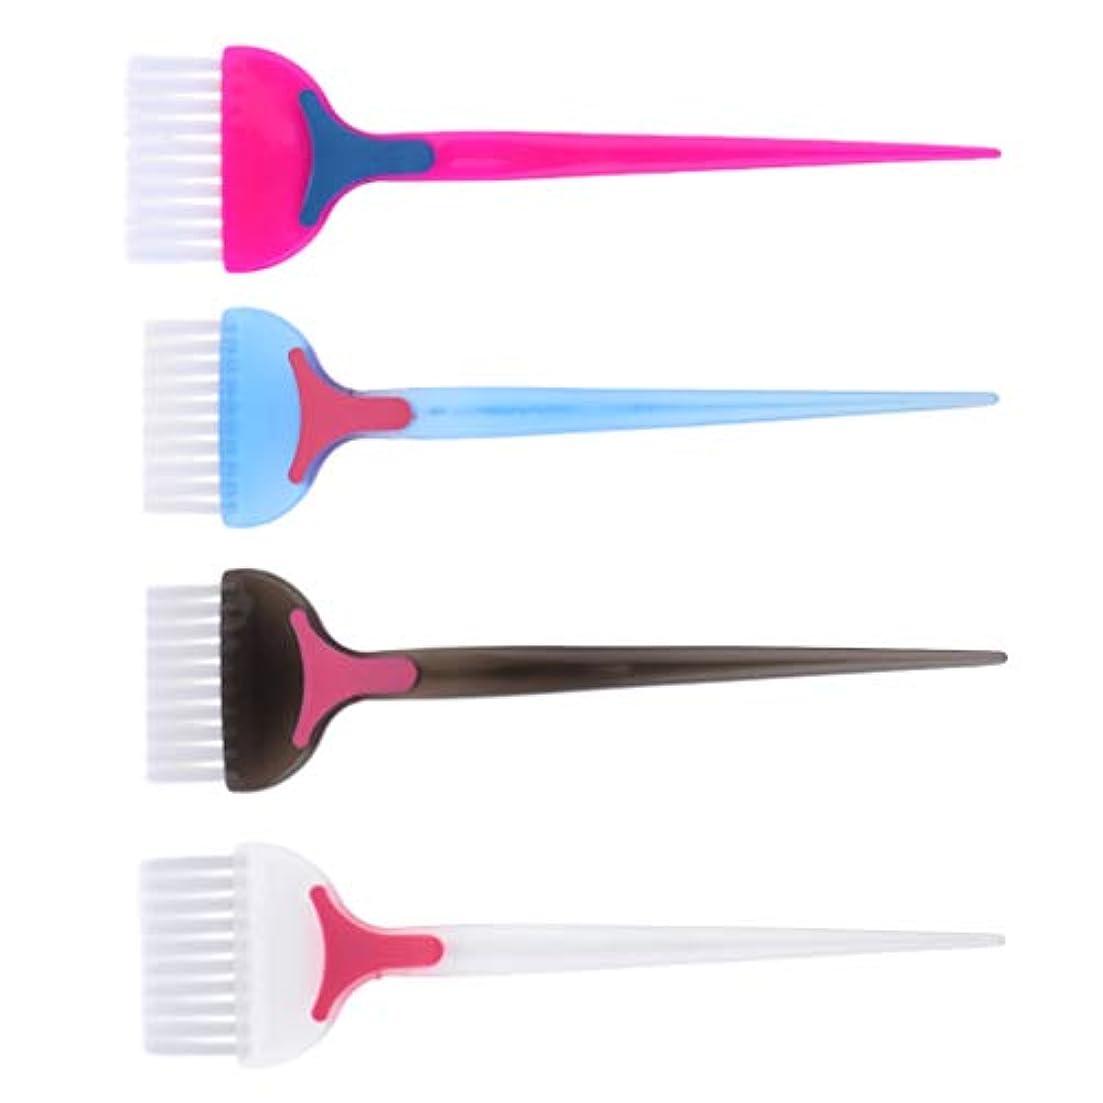 三角形ピック戻すヘアダイ コーム 髪染めブラシ 天然樹脂 耐高温 帯電防止 靭性 壊れにくい 家庭用 美容師プロ用